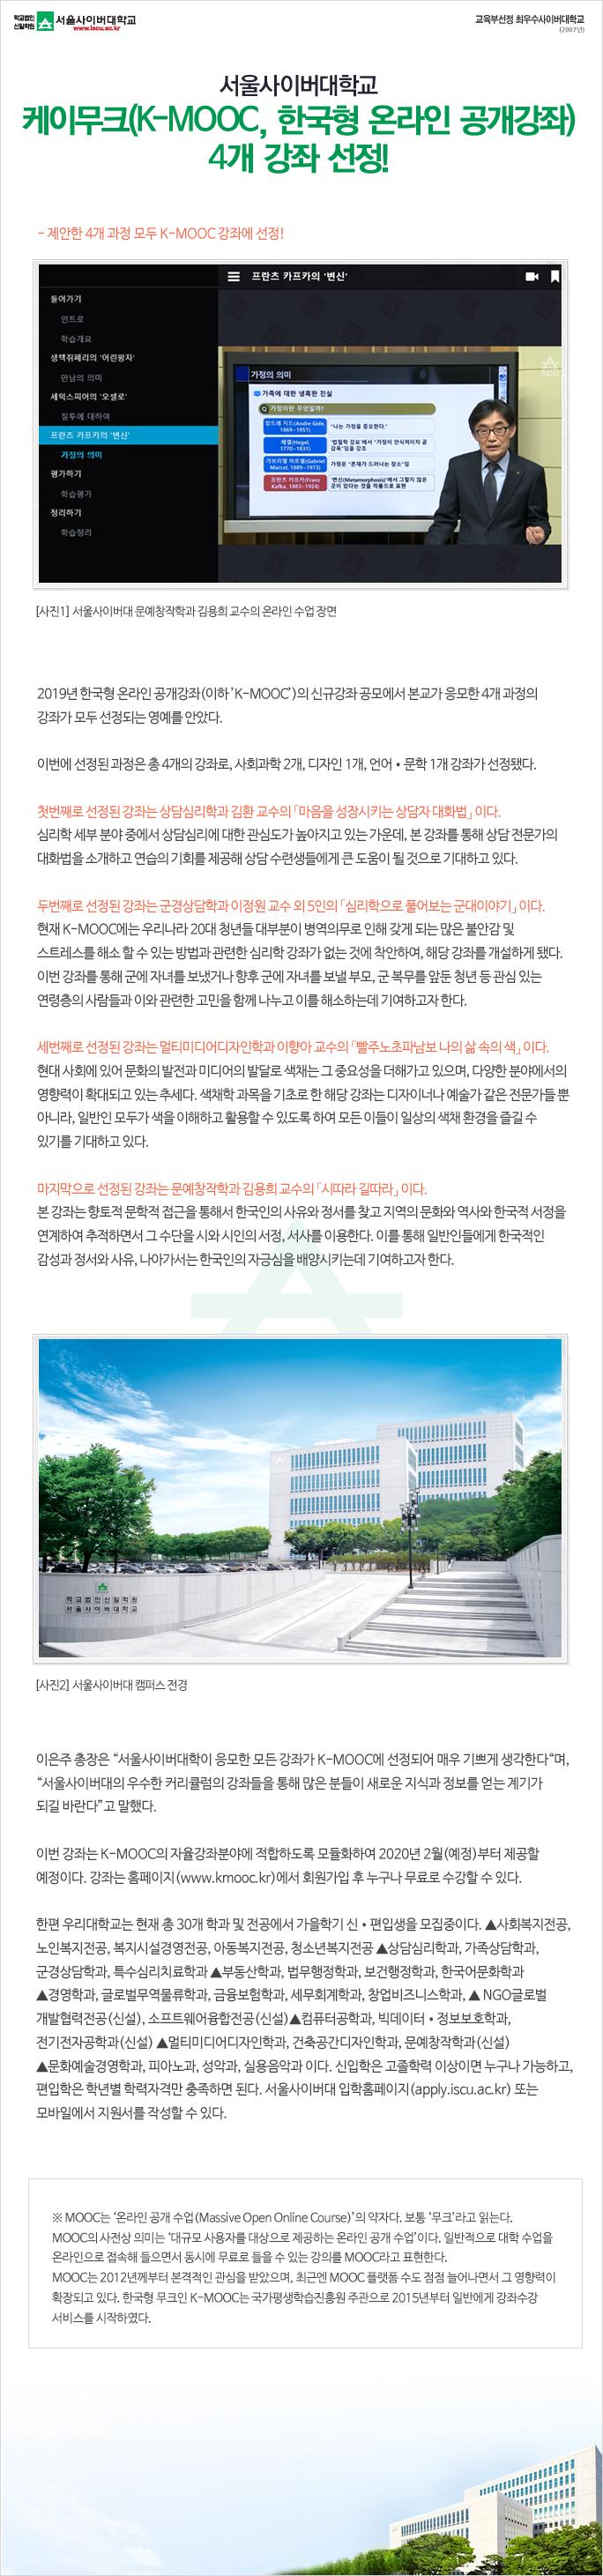 서울사이버대, 케이무크K-MOOC, 한국형 온라인 공개강좌 4개 강좌 선정!